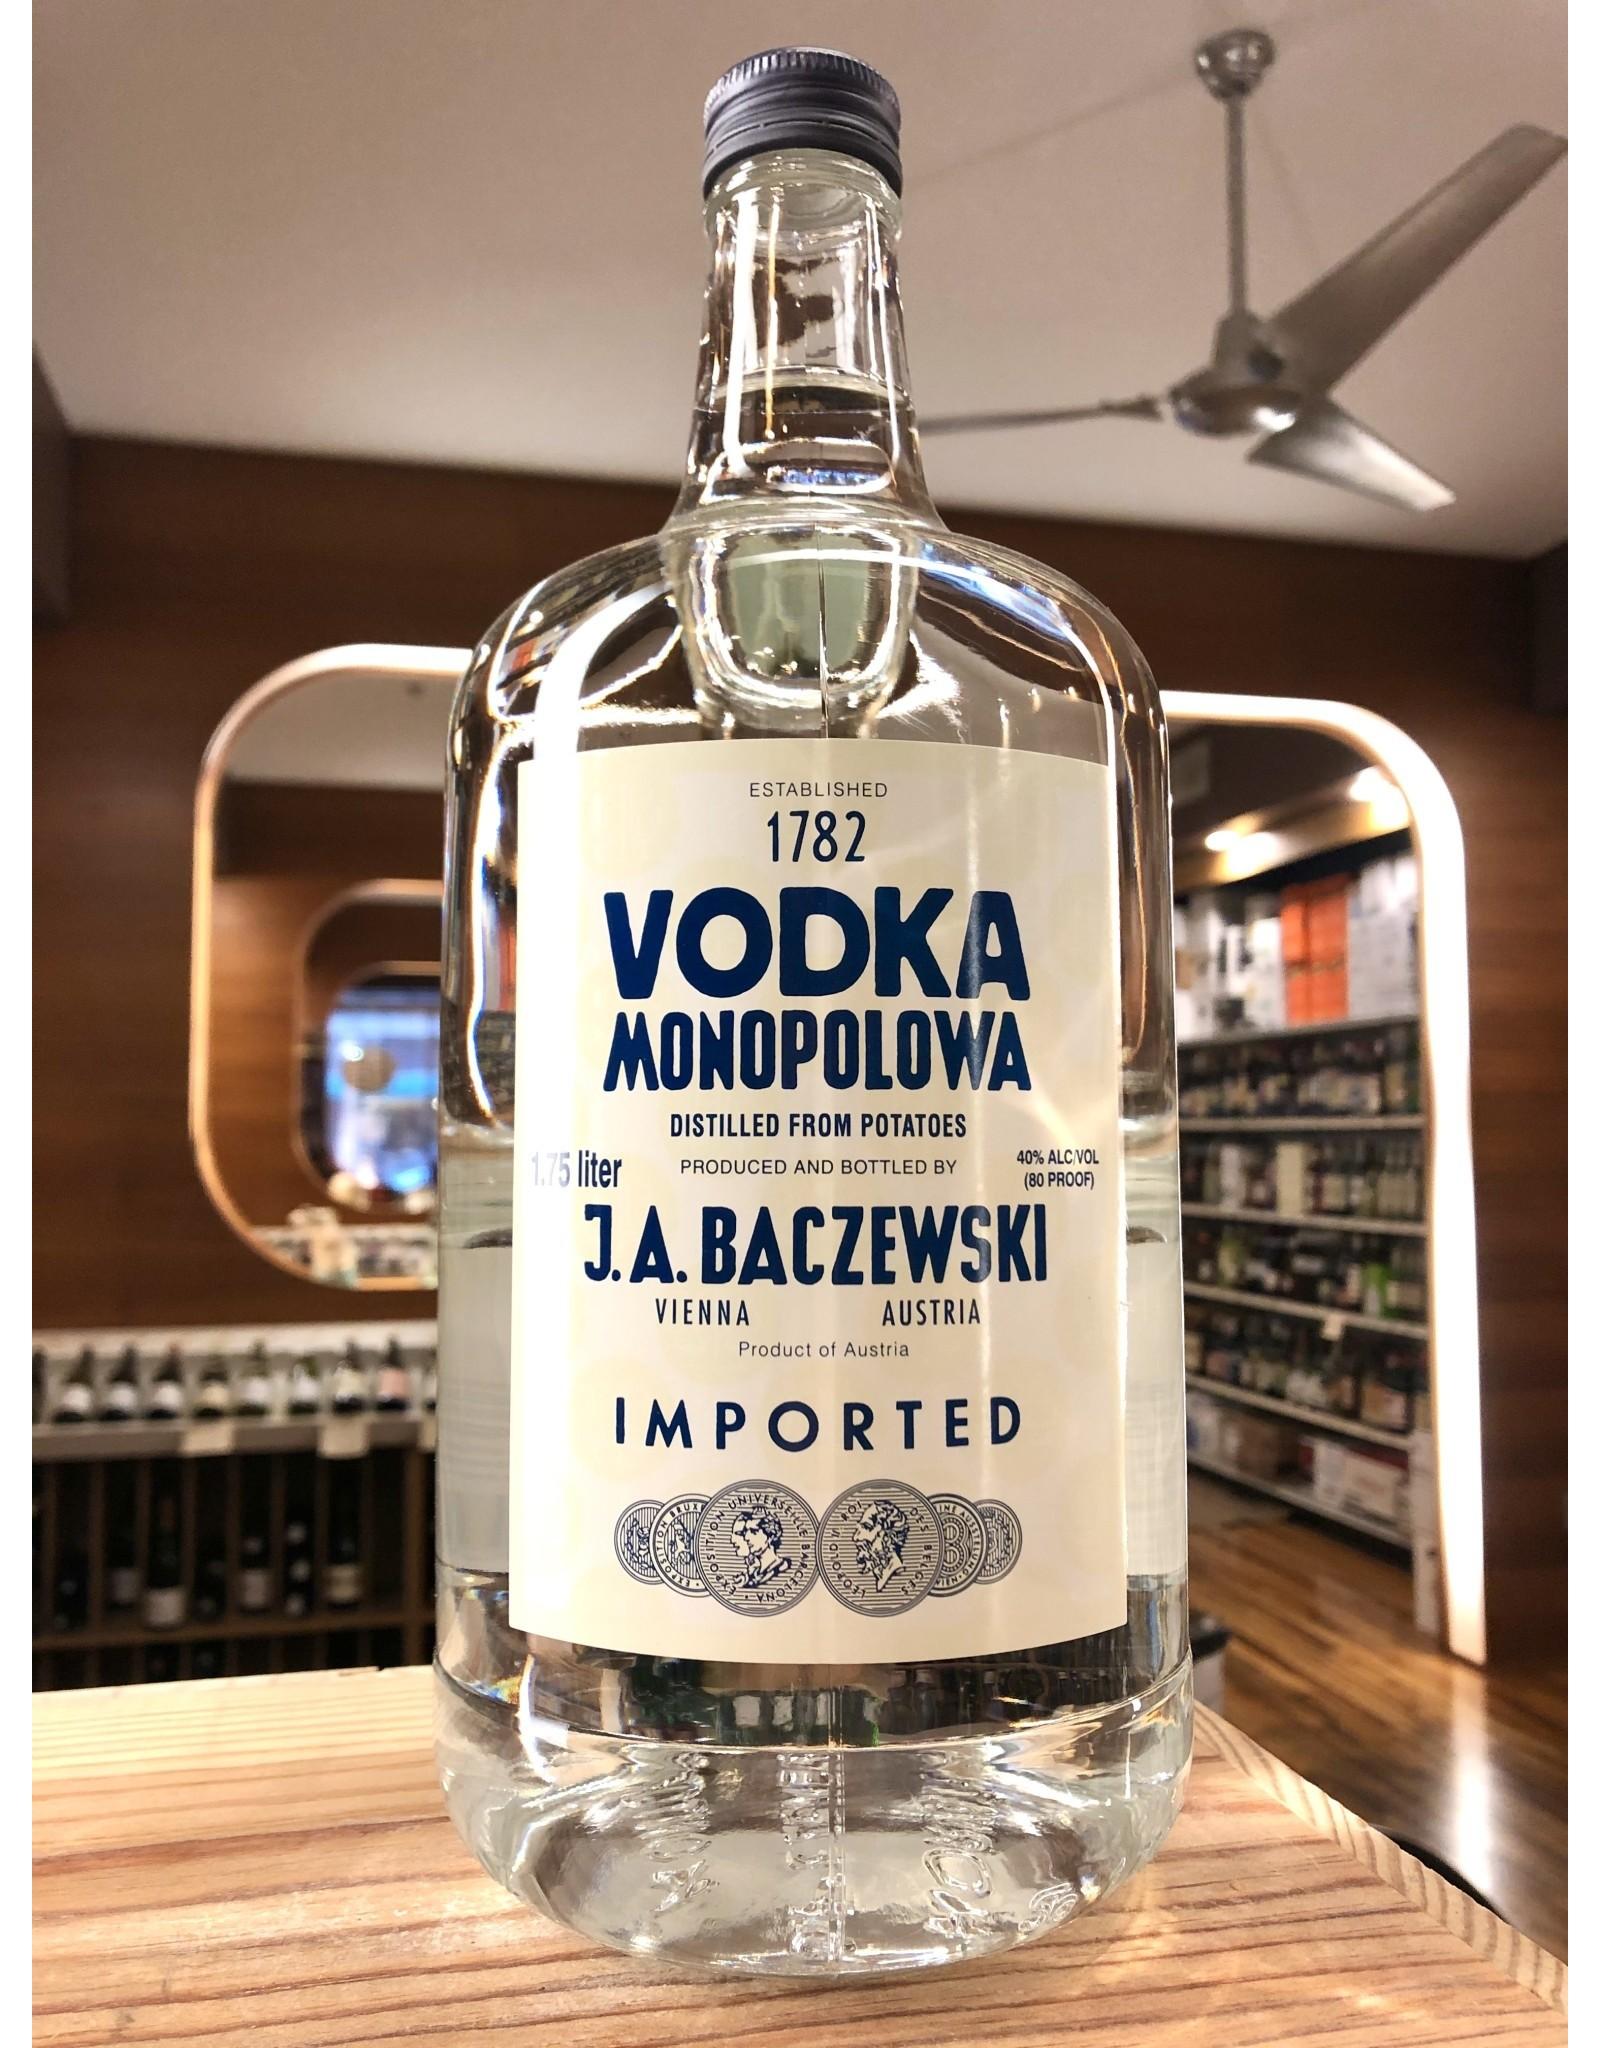 Monopolowa Vodka  - 1.75 Liter